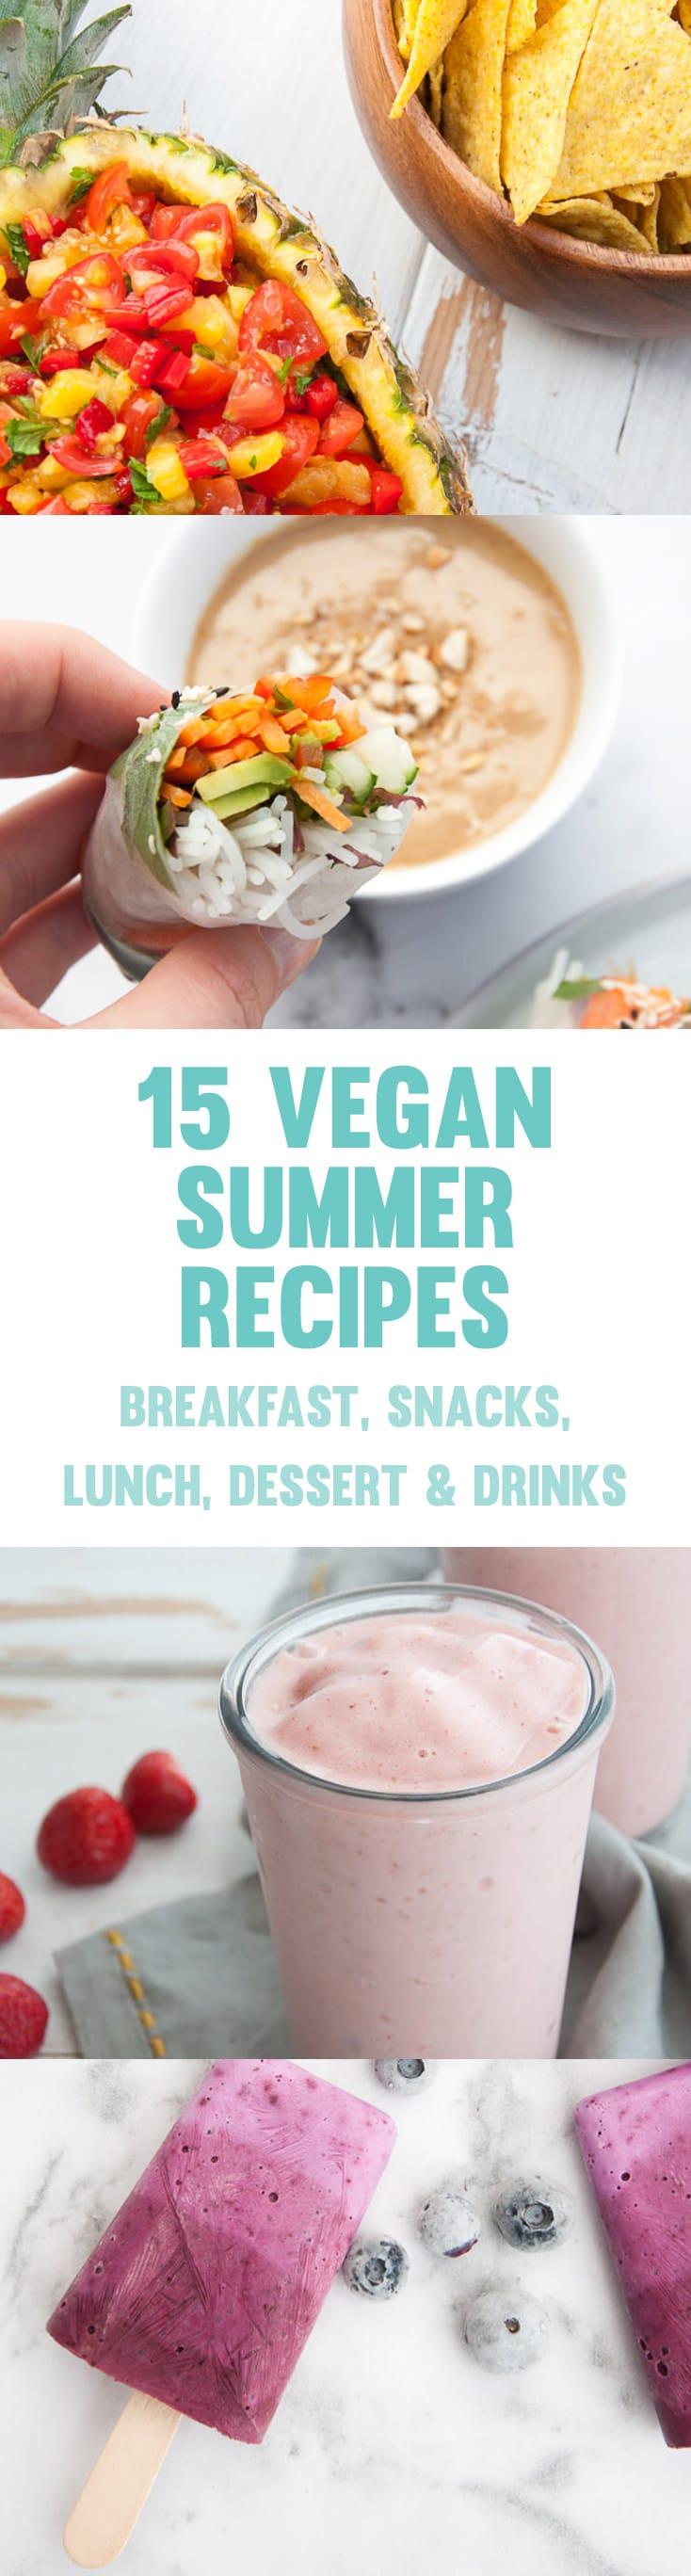 15 Easy Vegan Summer Recipes #vegan #summer #recipes